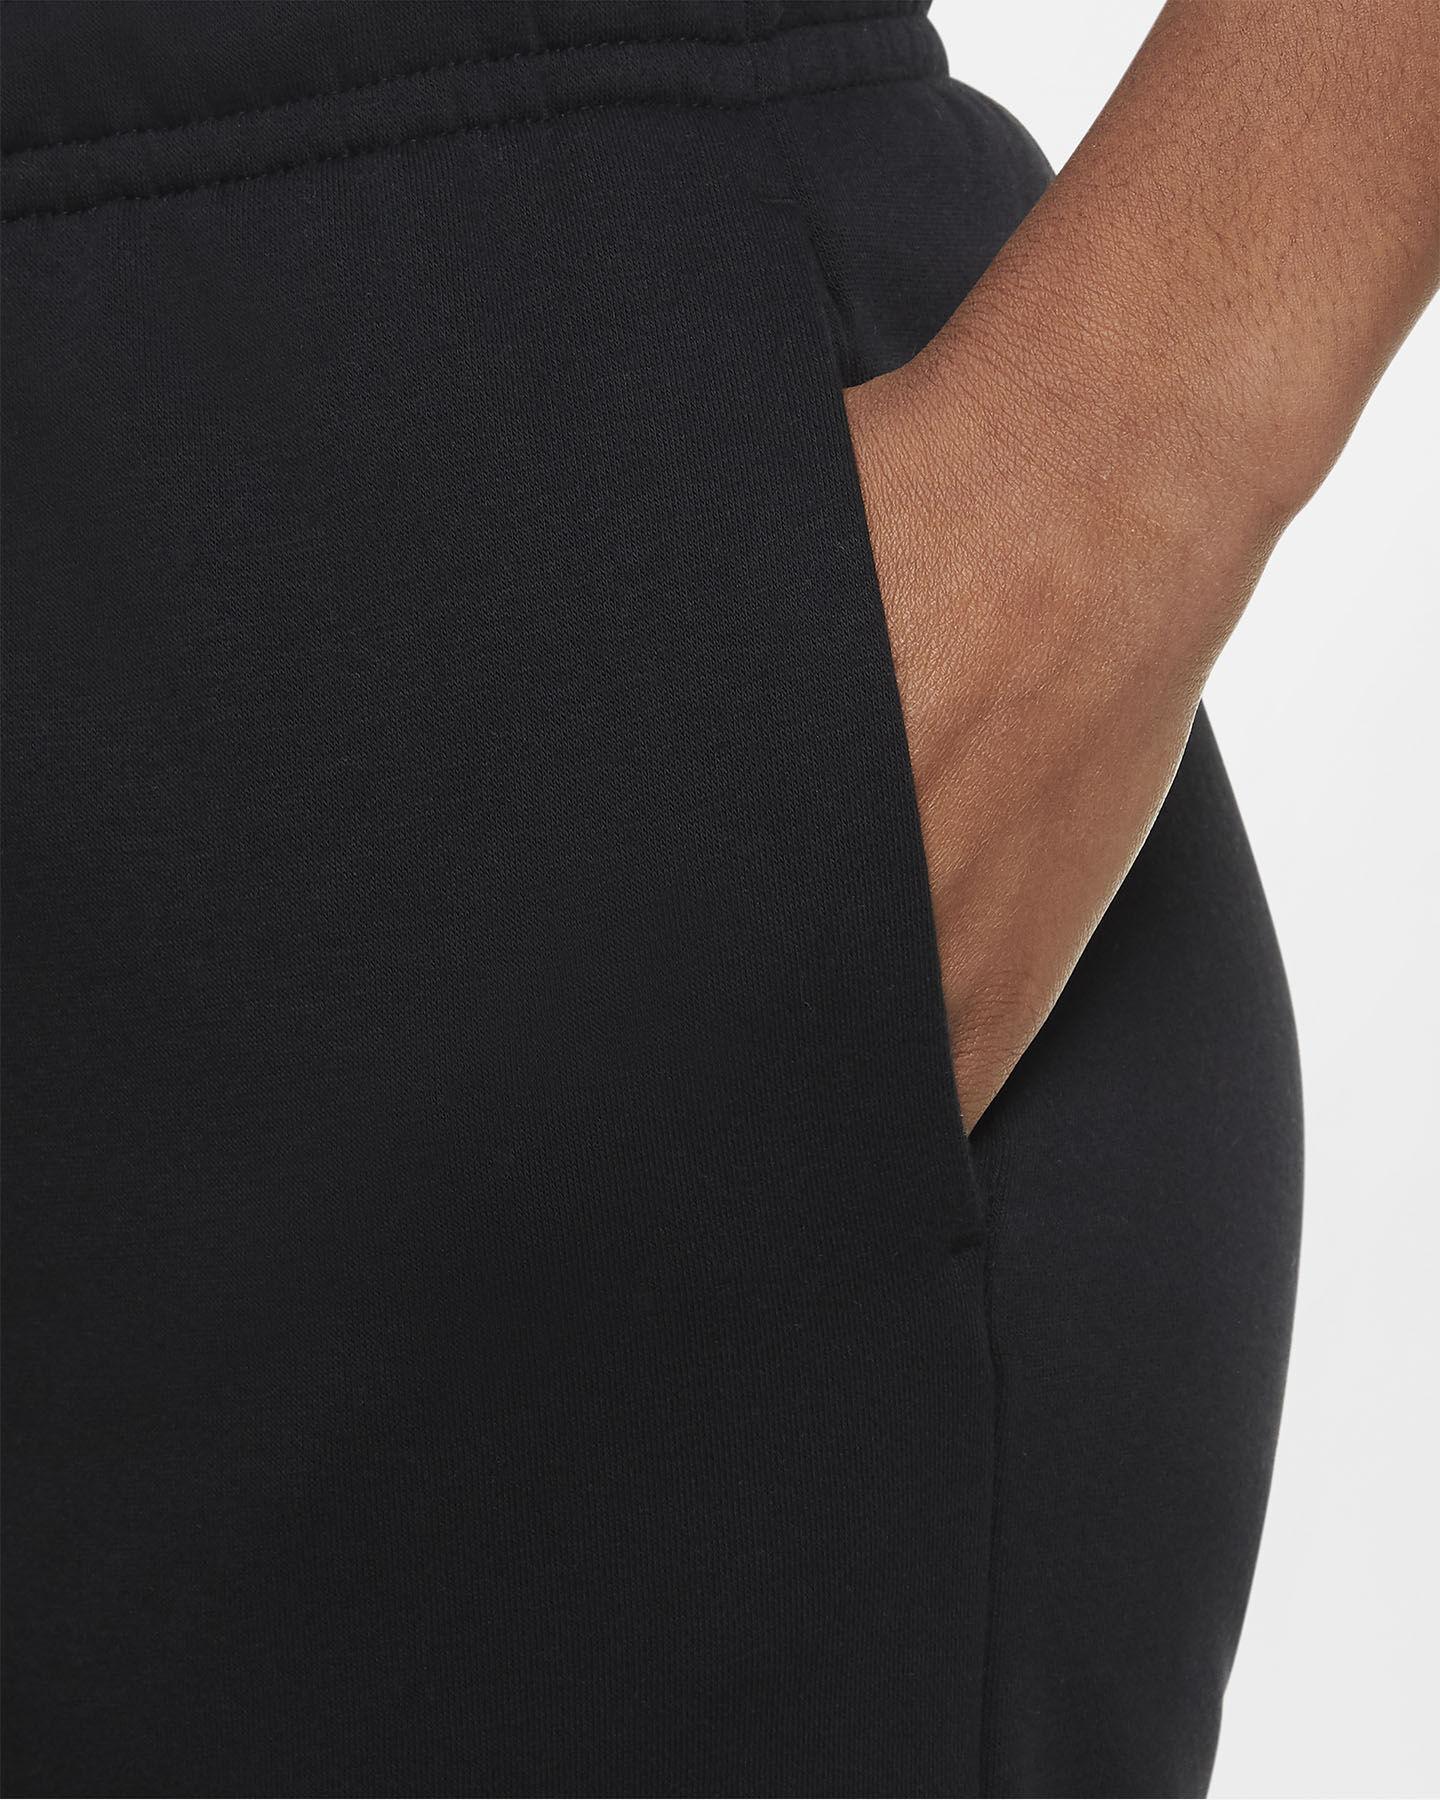 Pantalone NIKE ICON CLASH W S5247393 scatto 2